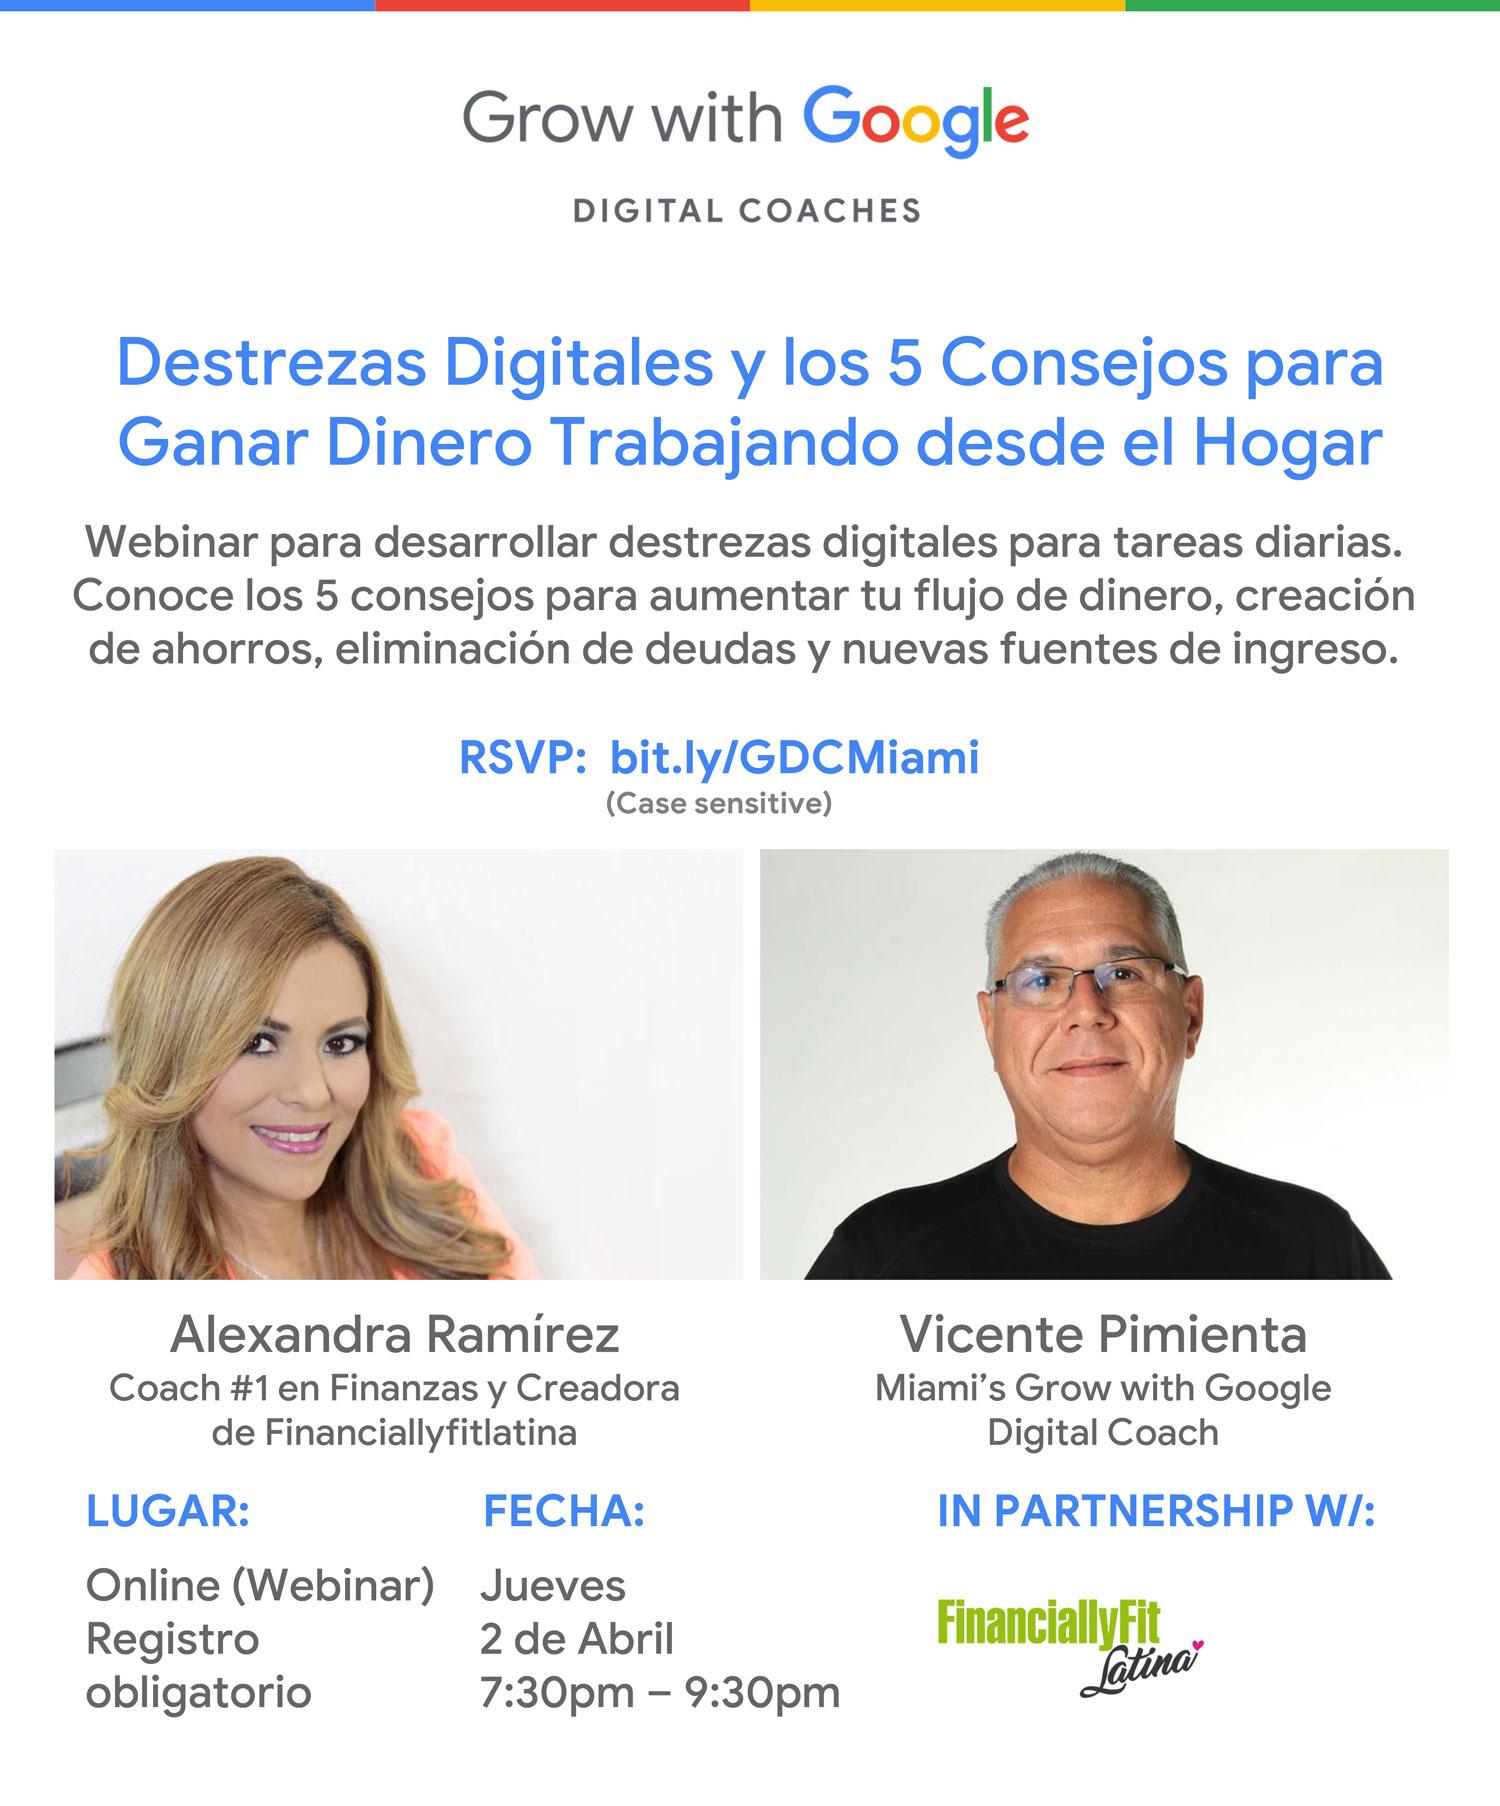 Destrezas Digitales y 5 Consejos para Ganar Dinero Trabajando desde el Hogar.